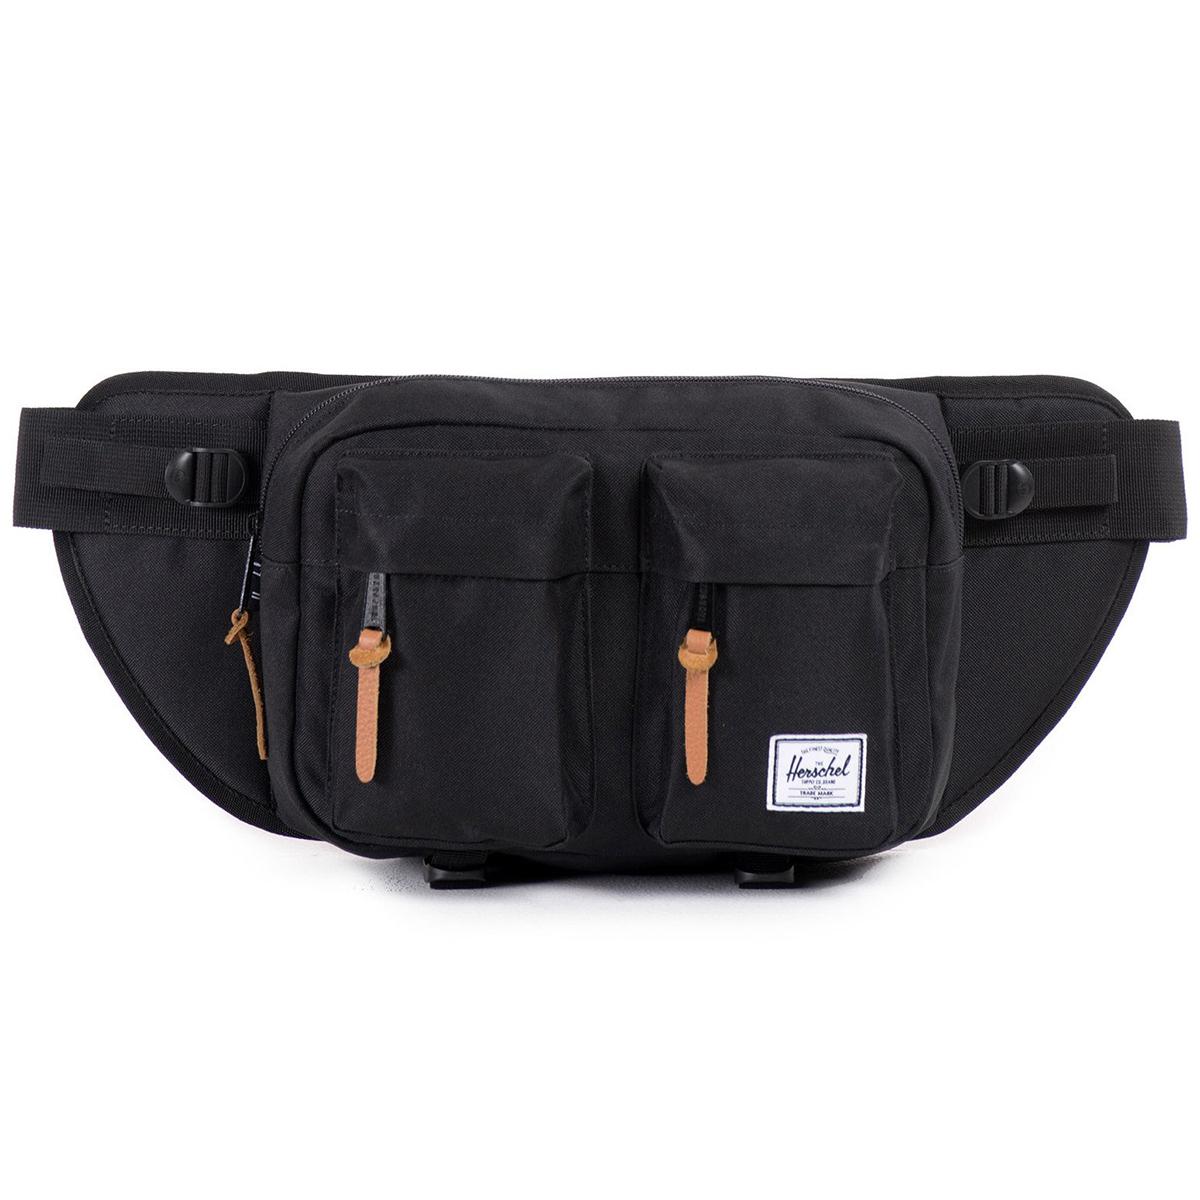 Сумка на пояс Herschel Eighteen (A/S), цвет: черный. 828432006830BP-001 BKВместительная поясная сумка с двумя внешними карманами. Эта модель отличается своим объемом, за счет которого Вы всегда сможете взять собой чуть больше нужных вещей. Удобный поясной ремень позволяет носить сумку также через плечо, что несомненно оценят, например, любители велосипедных прогулок.